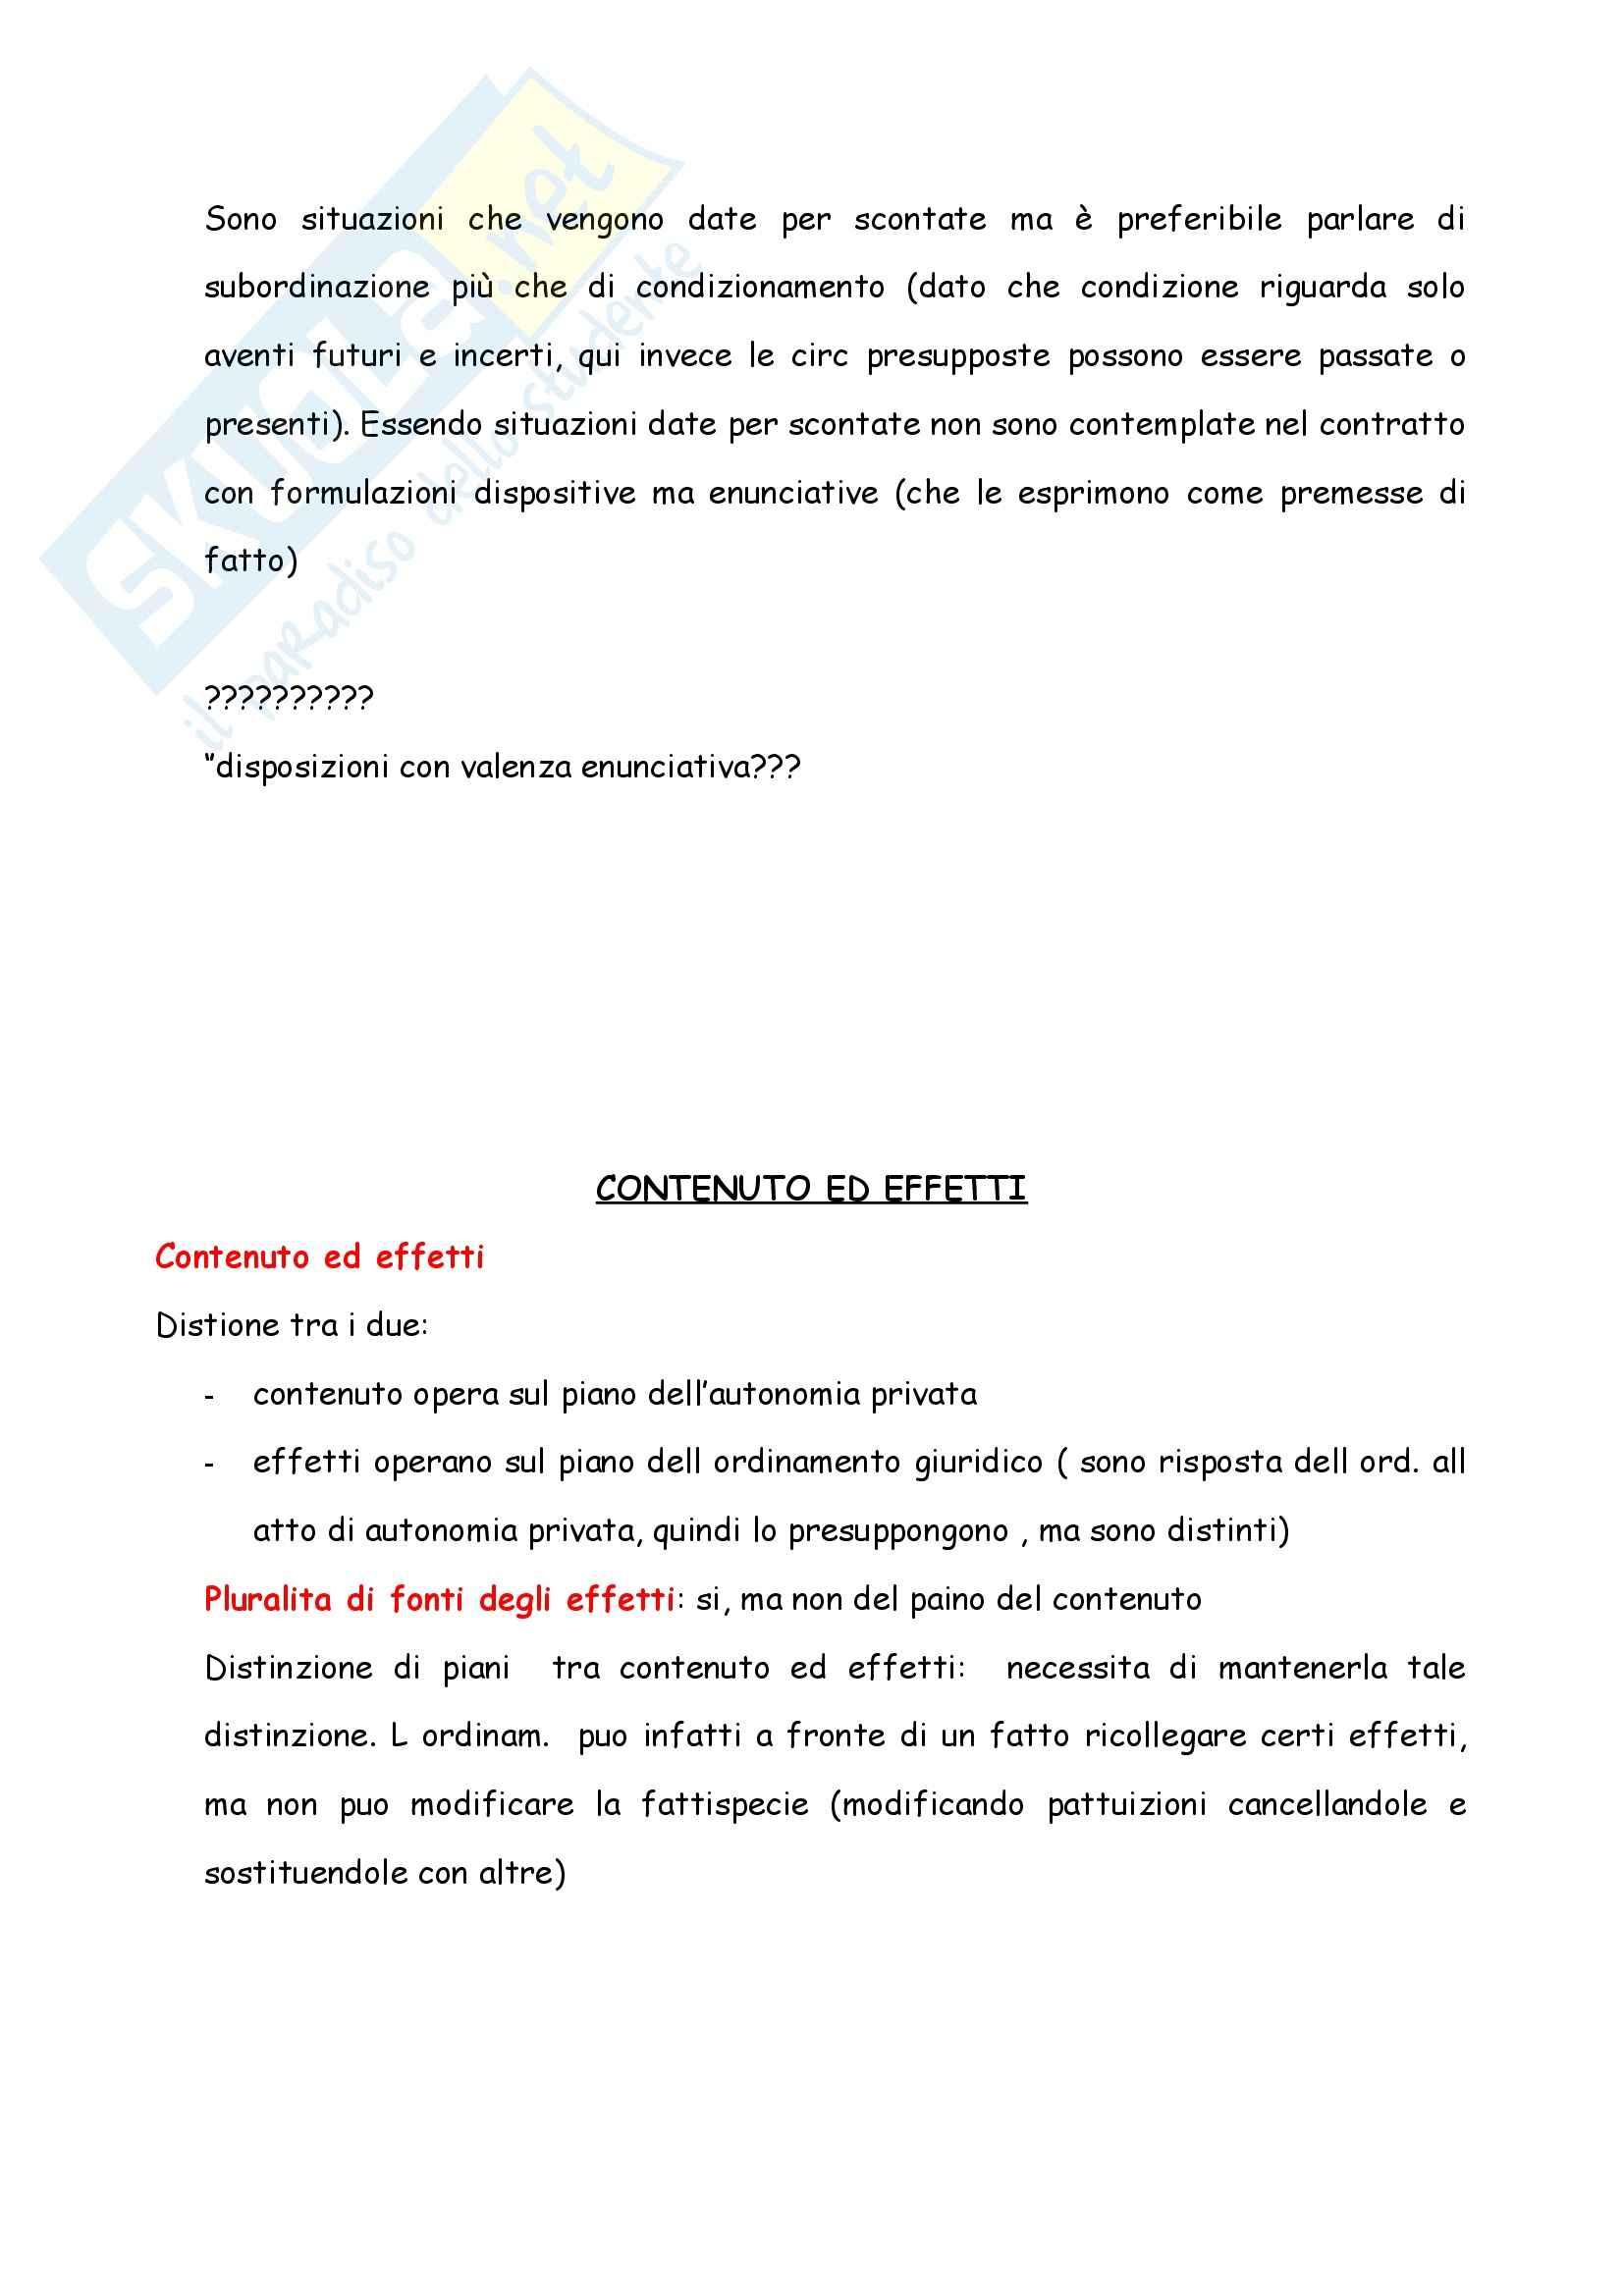 Riassunto esame Diritto Civile, prof. Cautadella, I Contratti, Cap 3 Pag. 11